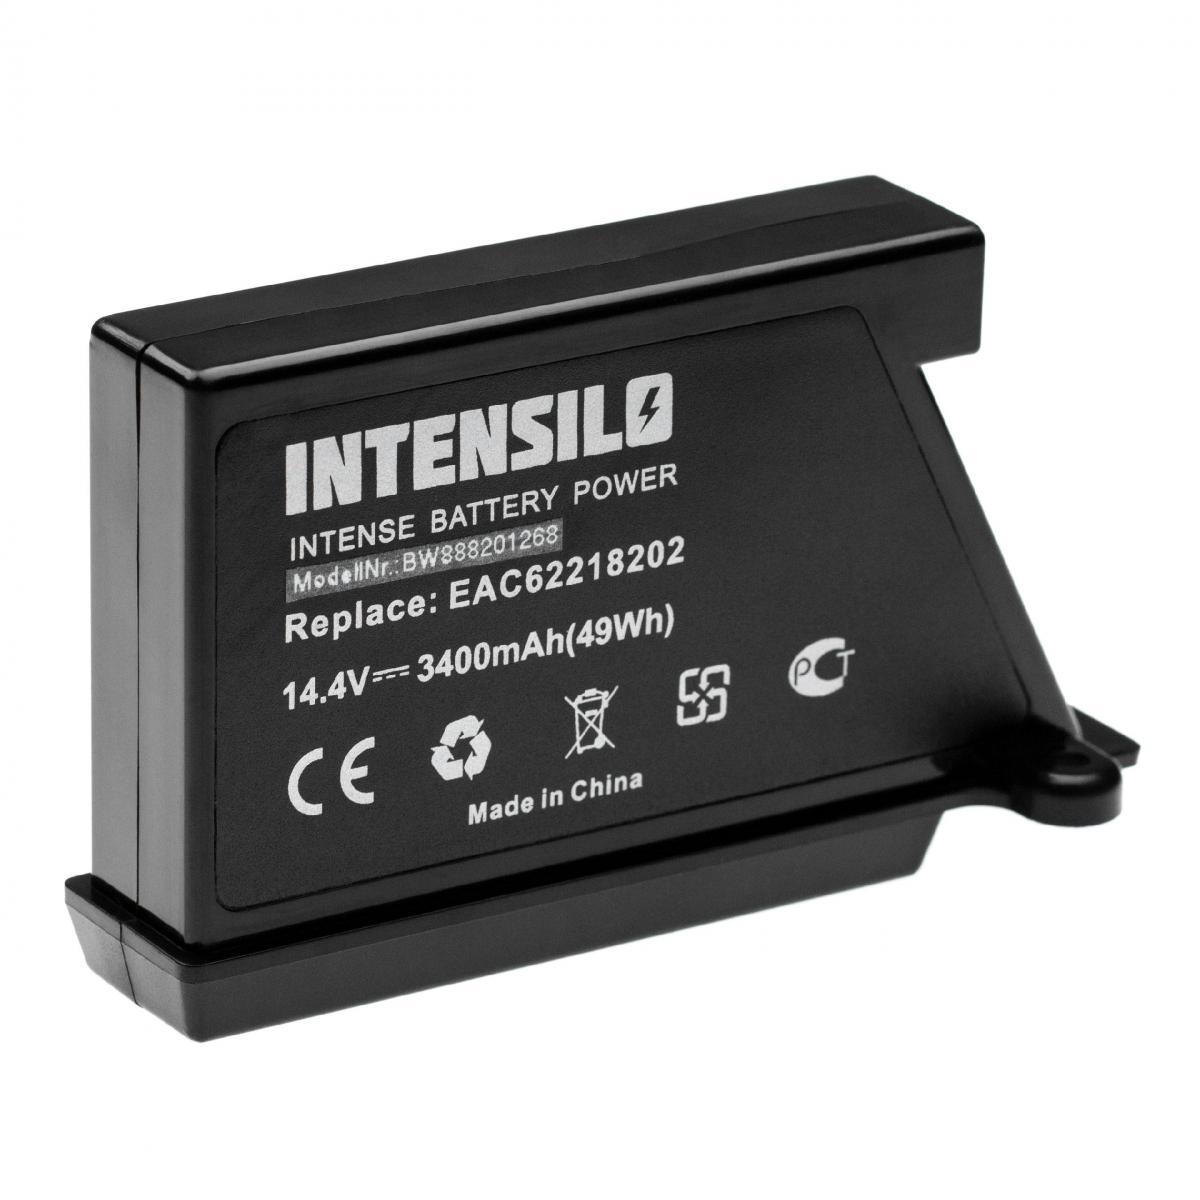 Vhbw INTENSILO Batterie compatible avec LG HOM-BOT VR62701LVB, VR62701LVM, VR62701LVMB robot électroménager (3400mAh, 14,4V,